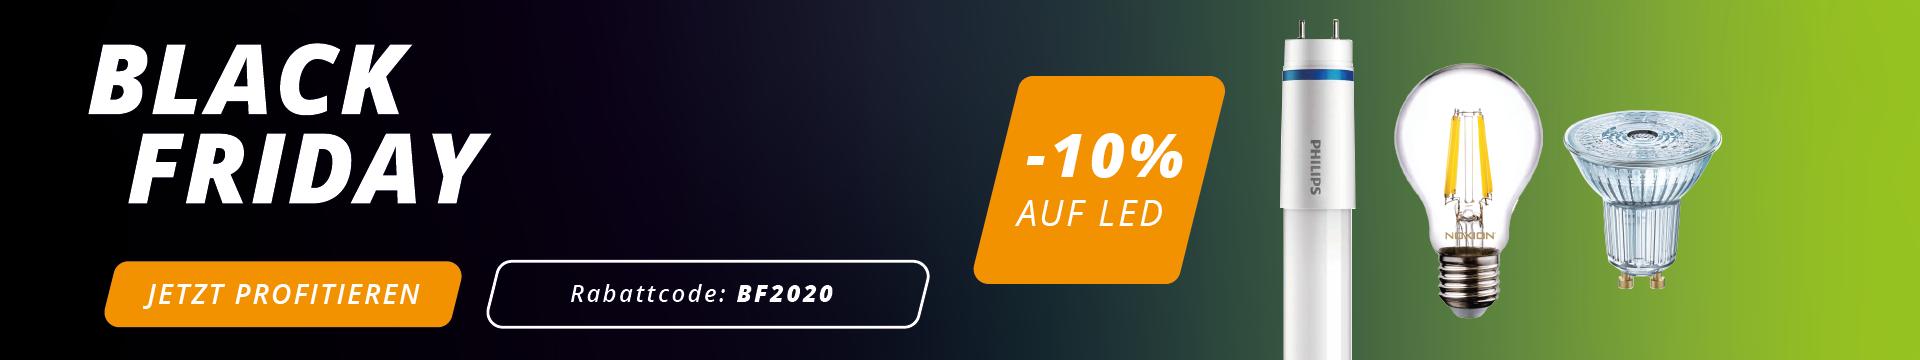 Black Friday LED-Beleuchtung Budgetlight.de></div> <p><br><br></p> <div class=